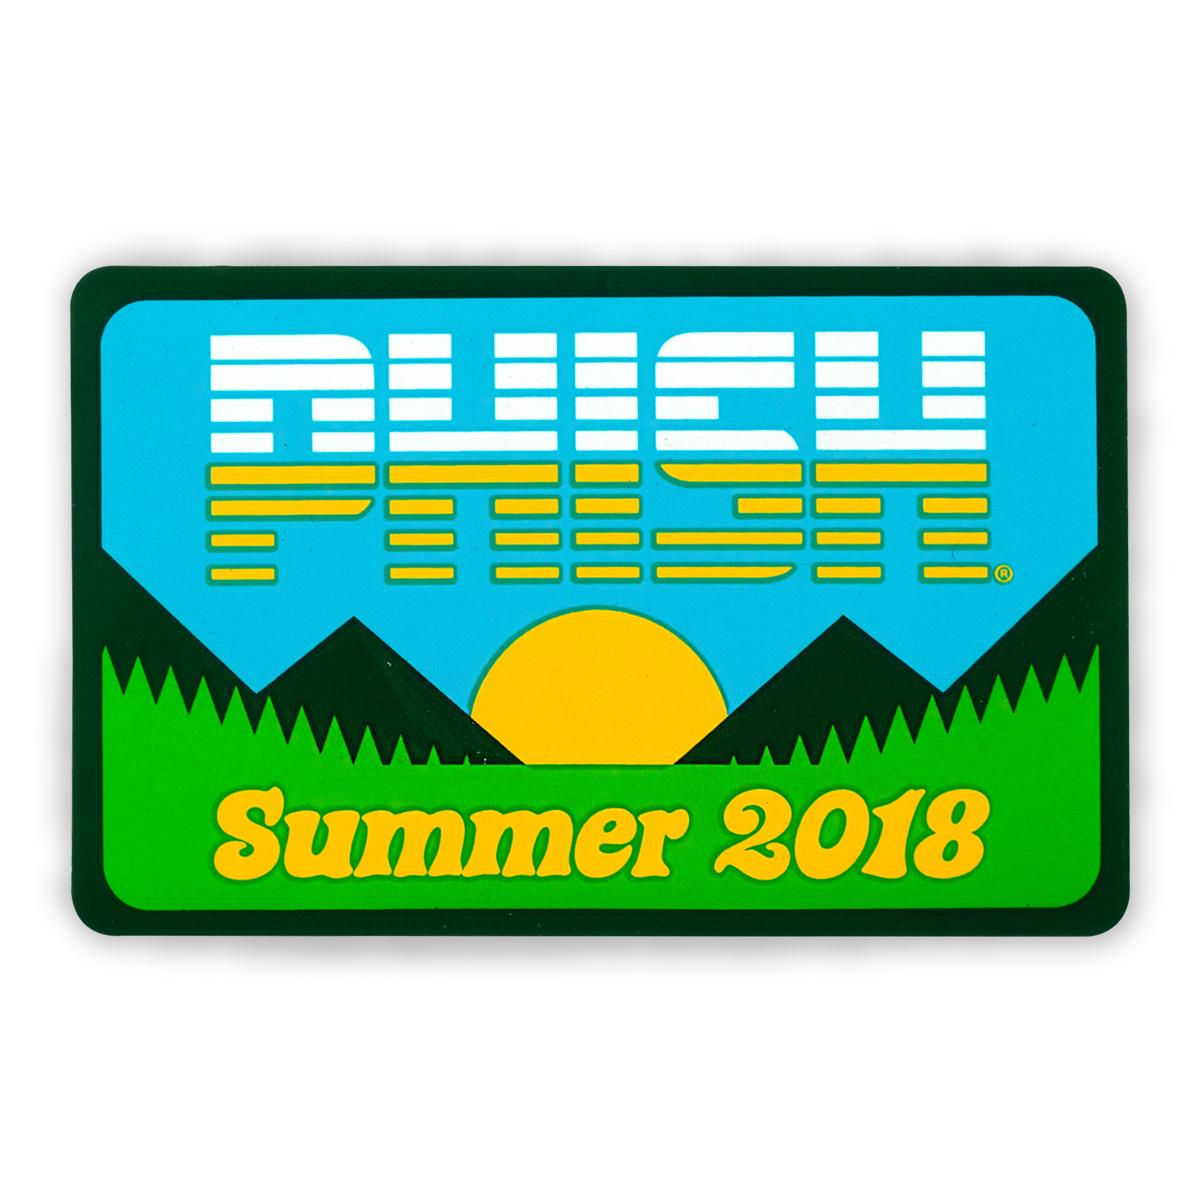 Summer Tour 2018 Sticker